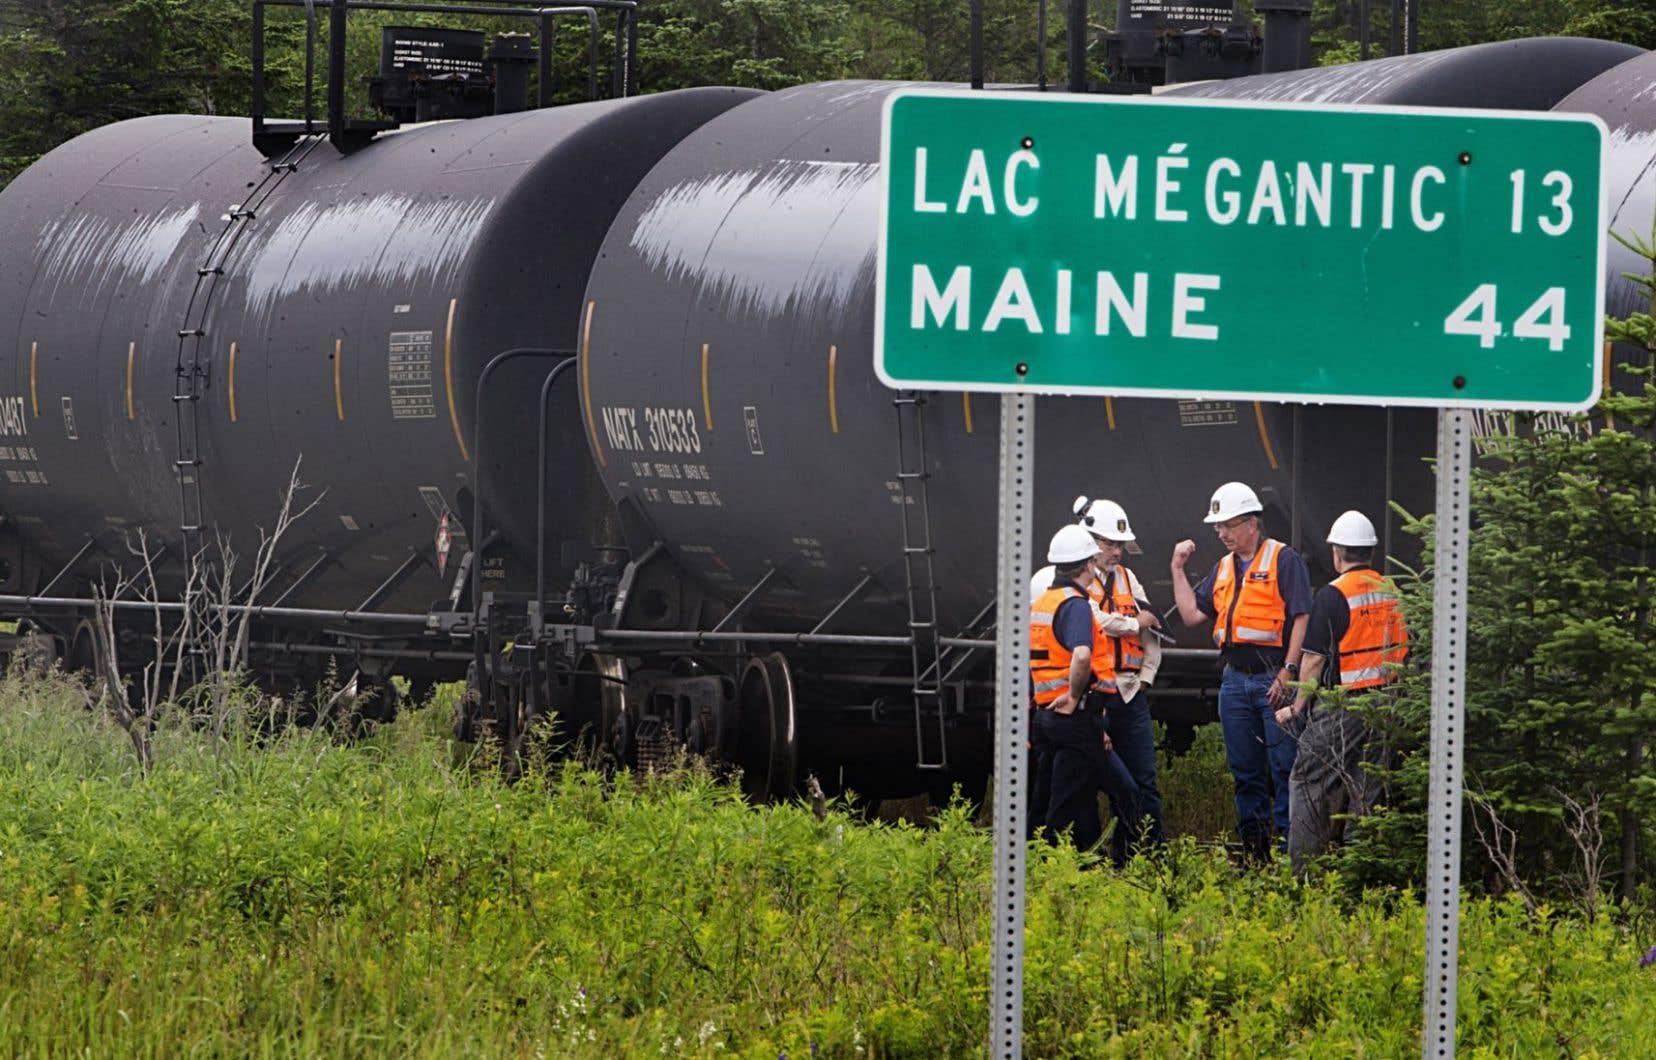 Dans la 21e circonscription de l'État de New York, la catastrophe de Lac-Mégantic a été un tournant dans le débat sur le transport du pétrole aux États-Unis.